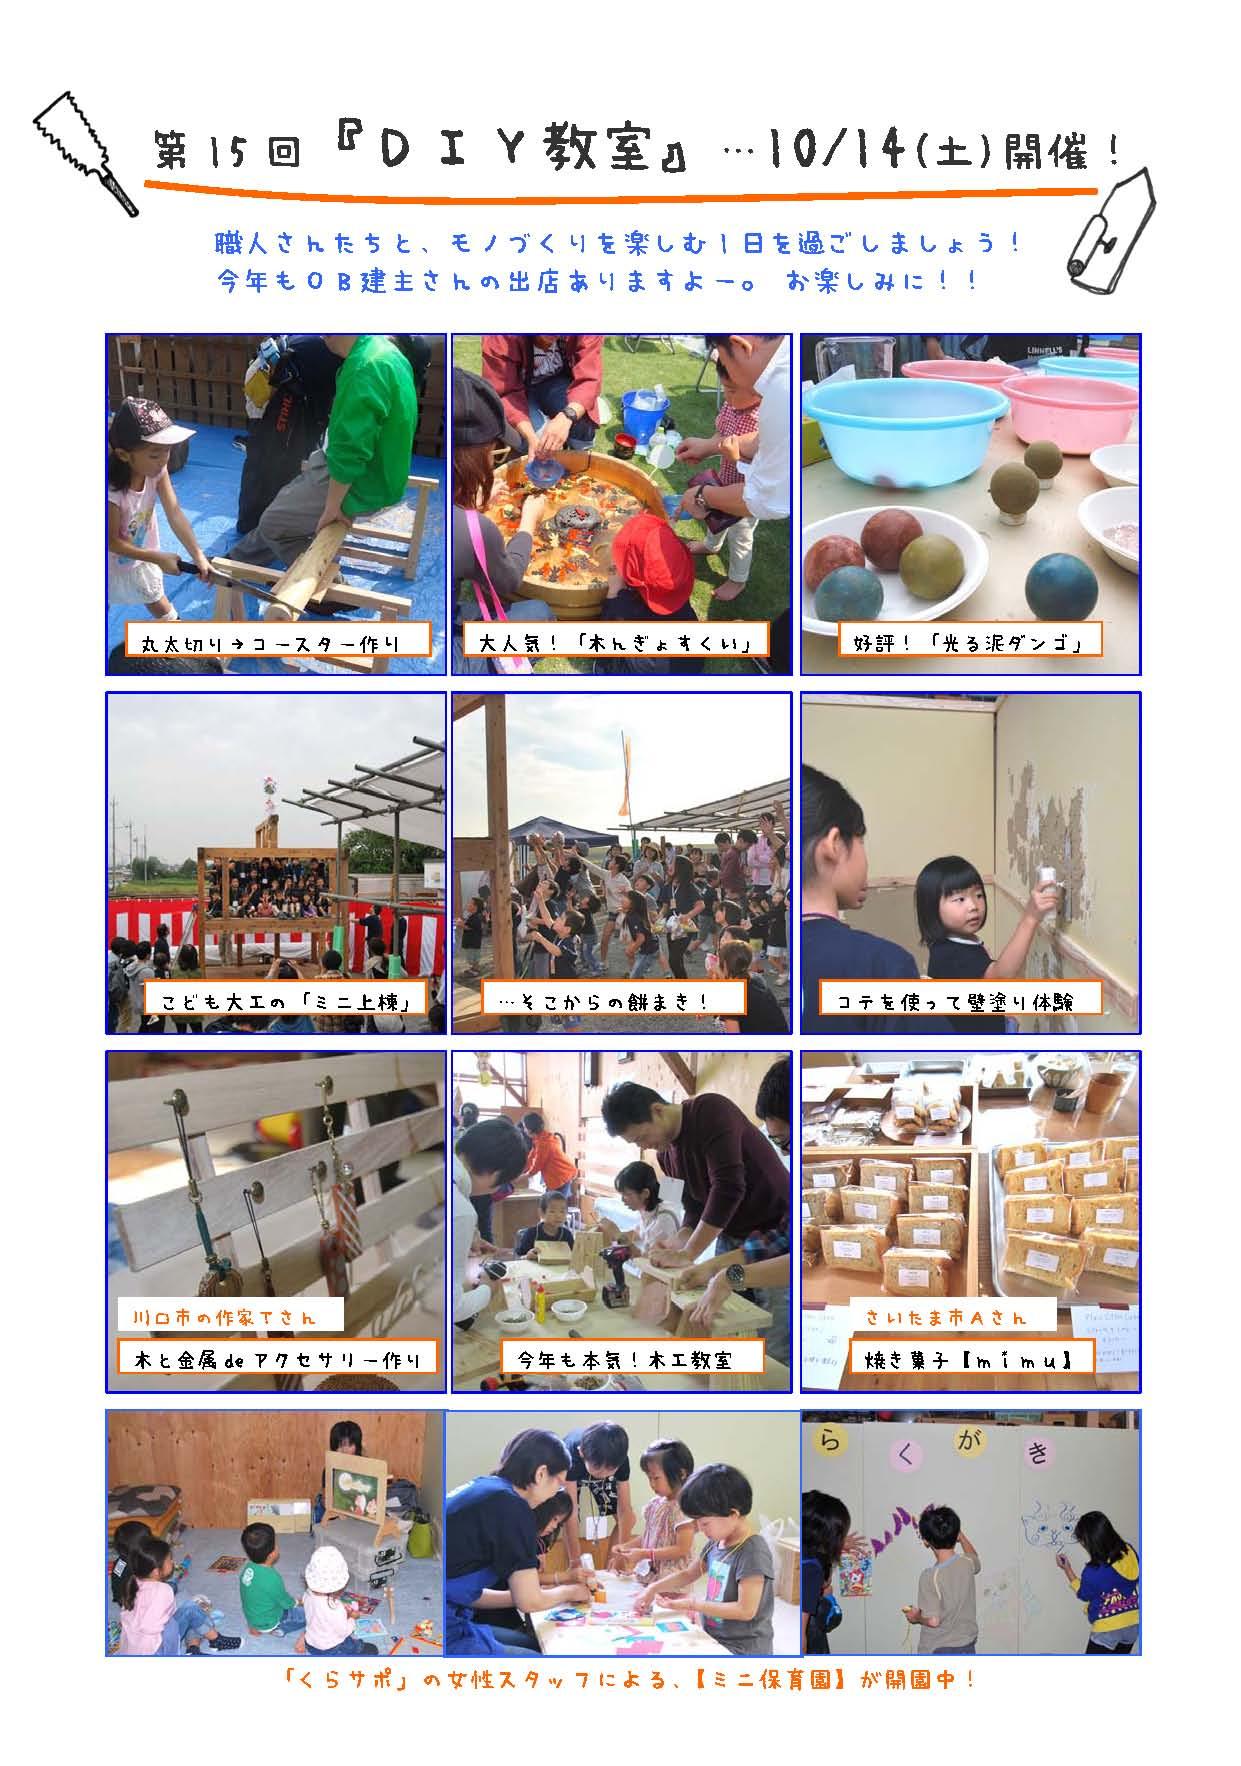 10/14(土)  【第15回 DIY教室】 at 木の加工場